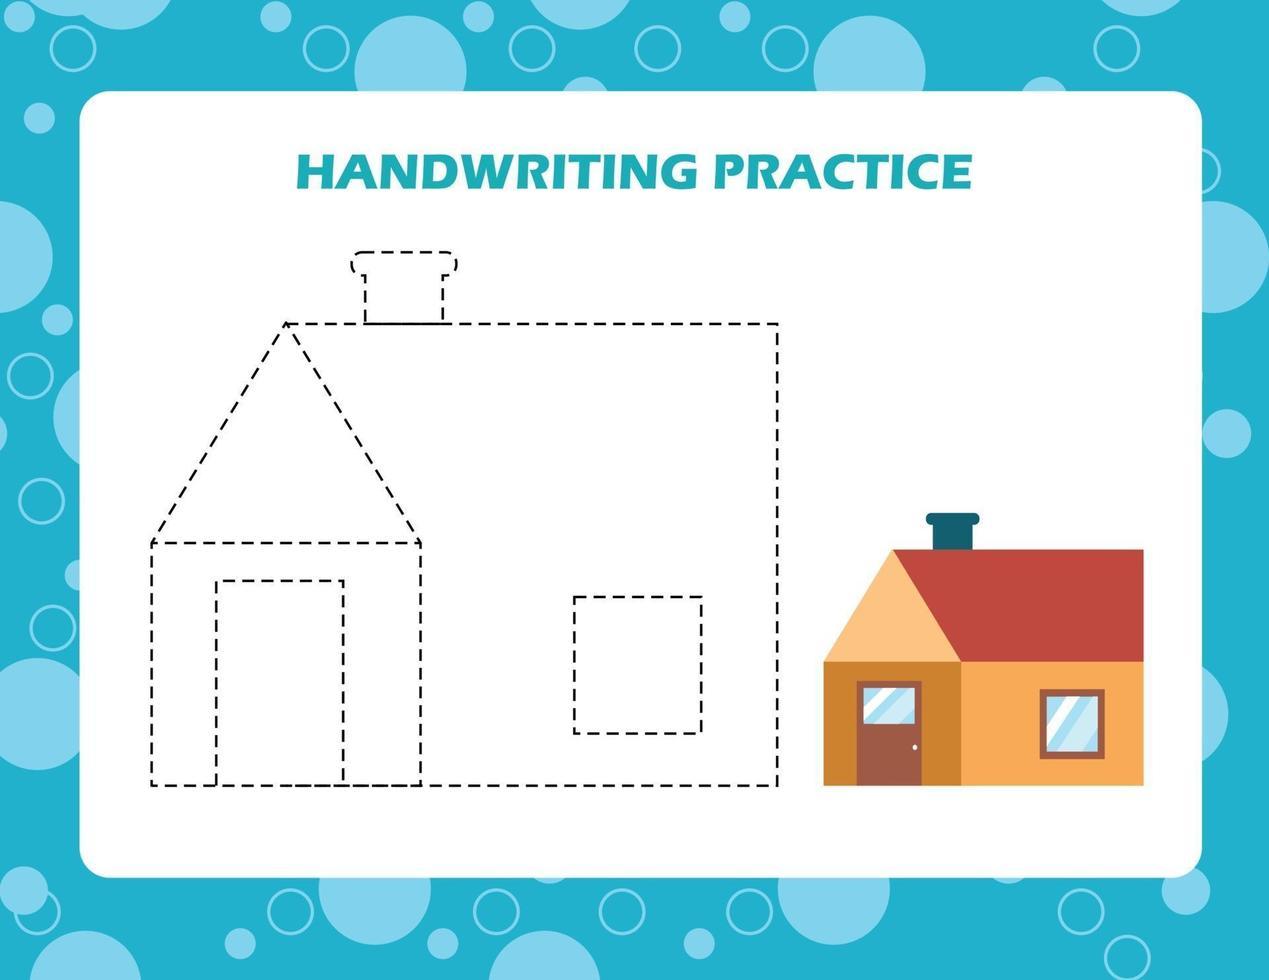 traza las líneas con la casa de dibujos animados. práctica de la escritura. vector